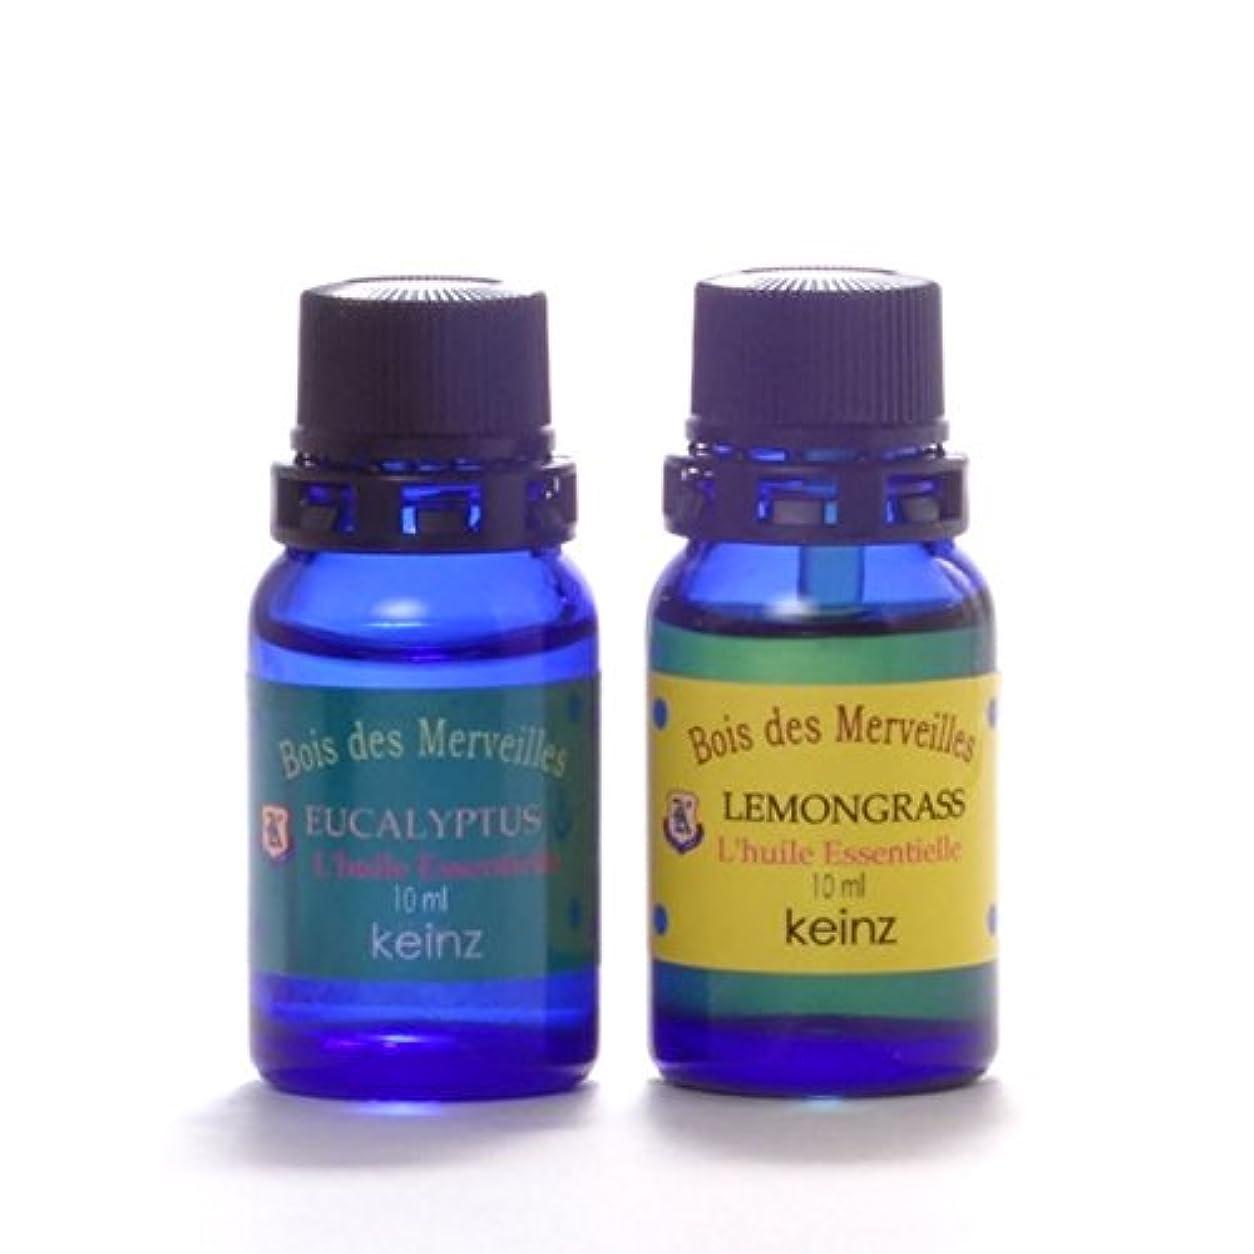 ホイッスル暫定直径keinzエッセンシャルオイル「ユーカリプタス10ml&レモングラス10ml」2種1セット ケインズ正規品 製造国アメリカ 完全無添加 人工香料は使っていません。